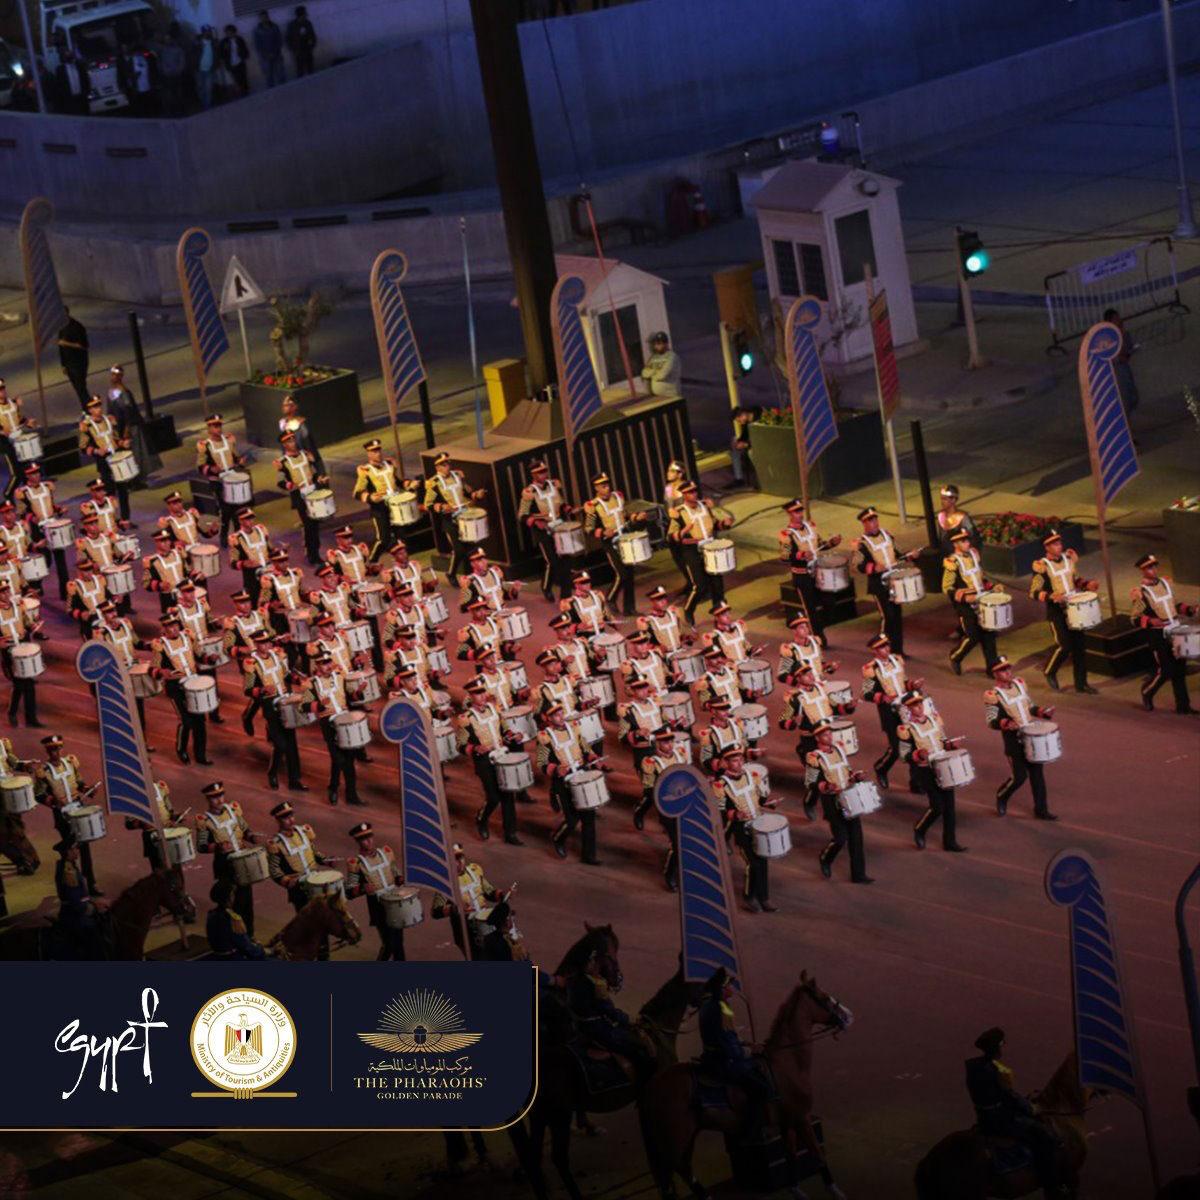 Στιγμιότυπo από τη Χρυσή Παρέλαση των Φαραώ (φωτ.: Υπουργείο Τουρισμού και Αρχαιοτήτων της Αιγύπτου).